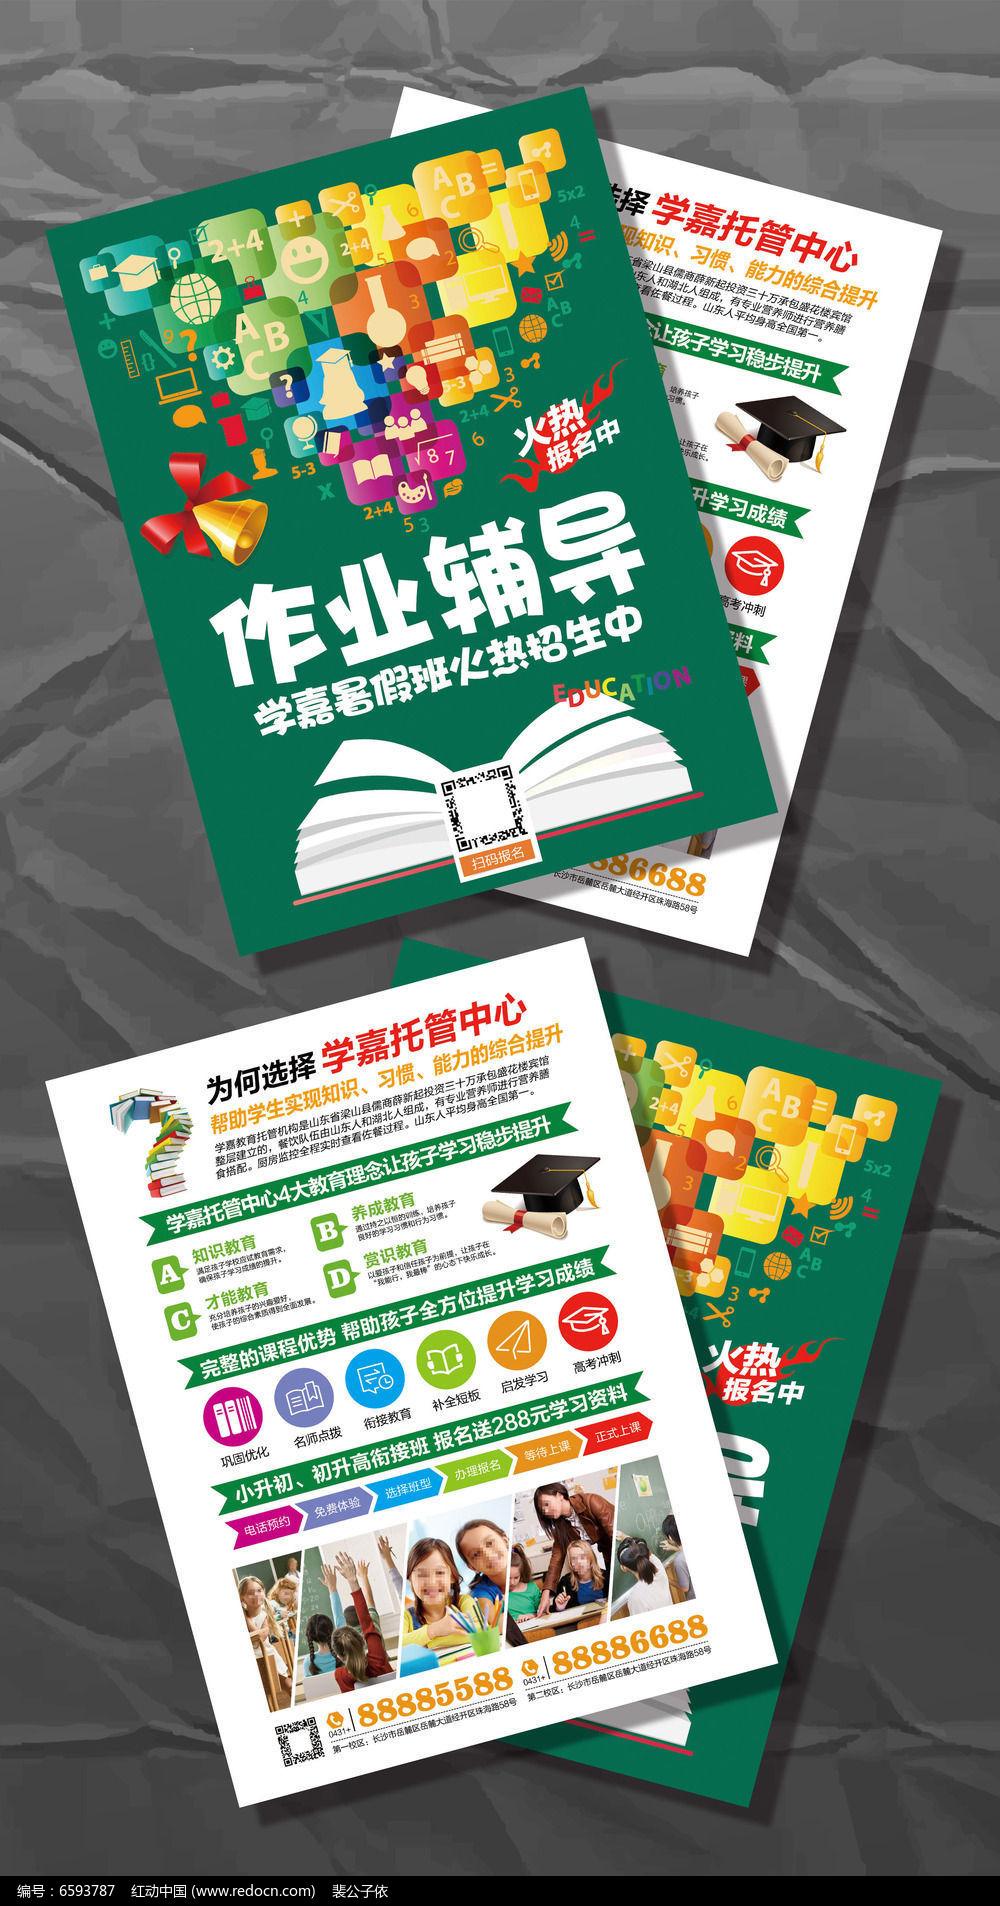 作业辅导班培训招生dm宣传单模板设计psd素材下载